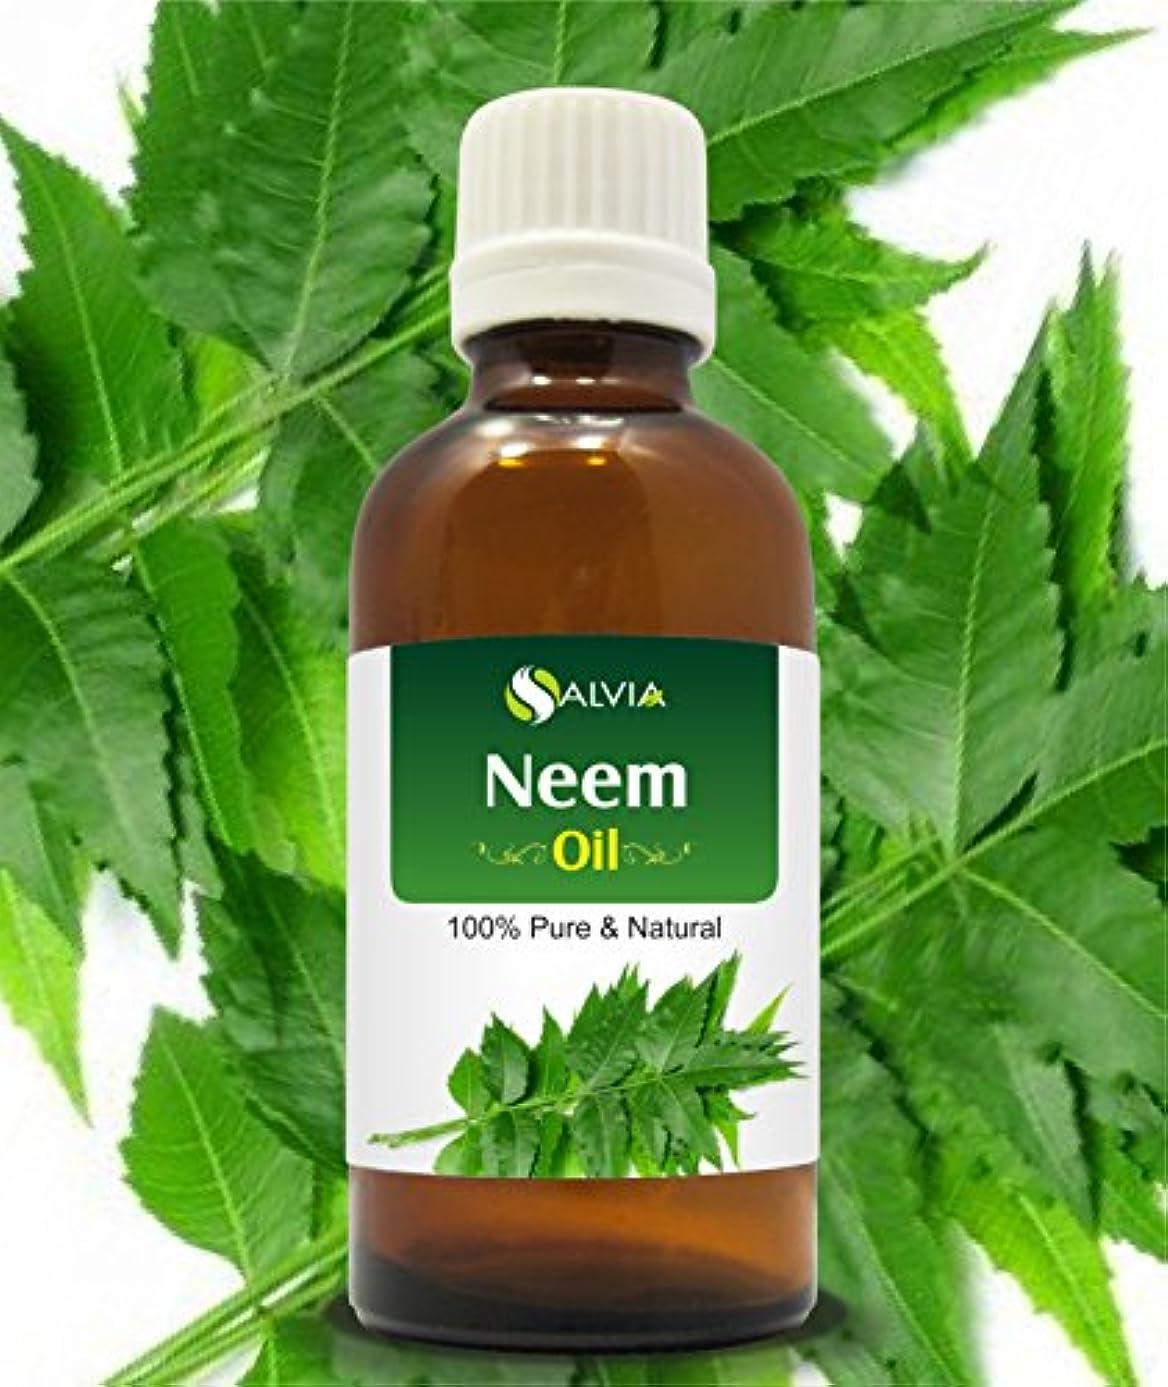 ヘロイン大胆な縁NEEM OIL 100% NATURAL PURE UNDILUTED UNCUT ESSENTIAL OIL 100ML